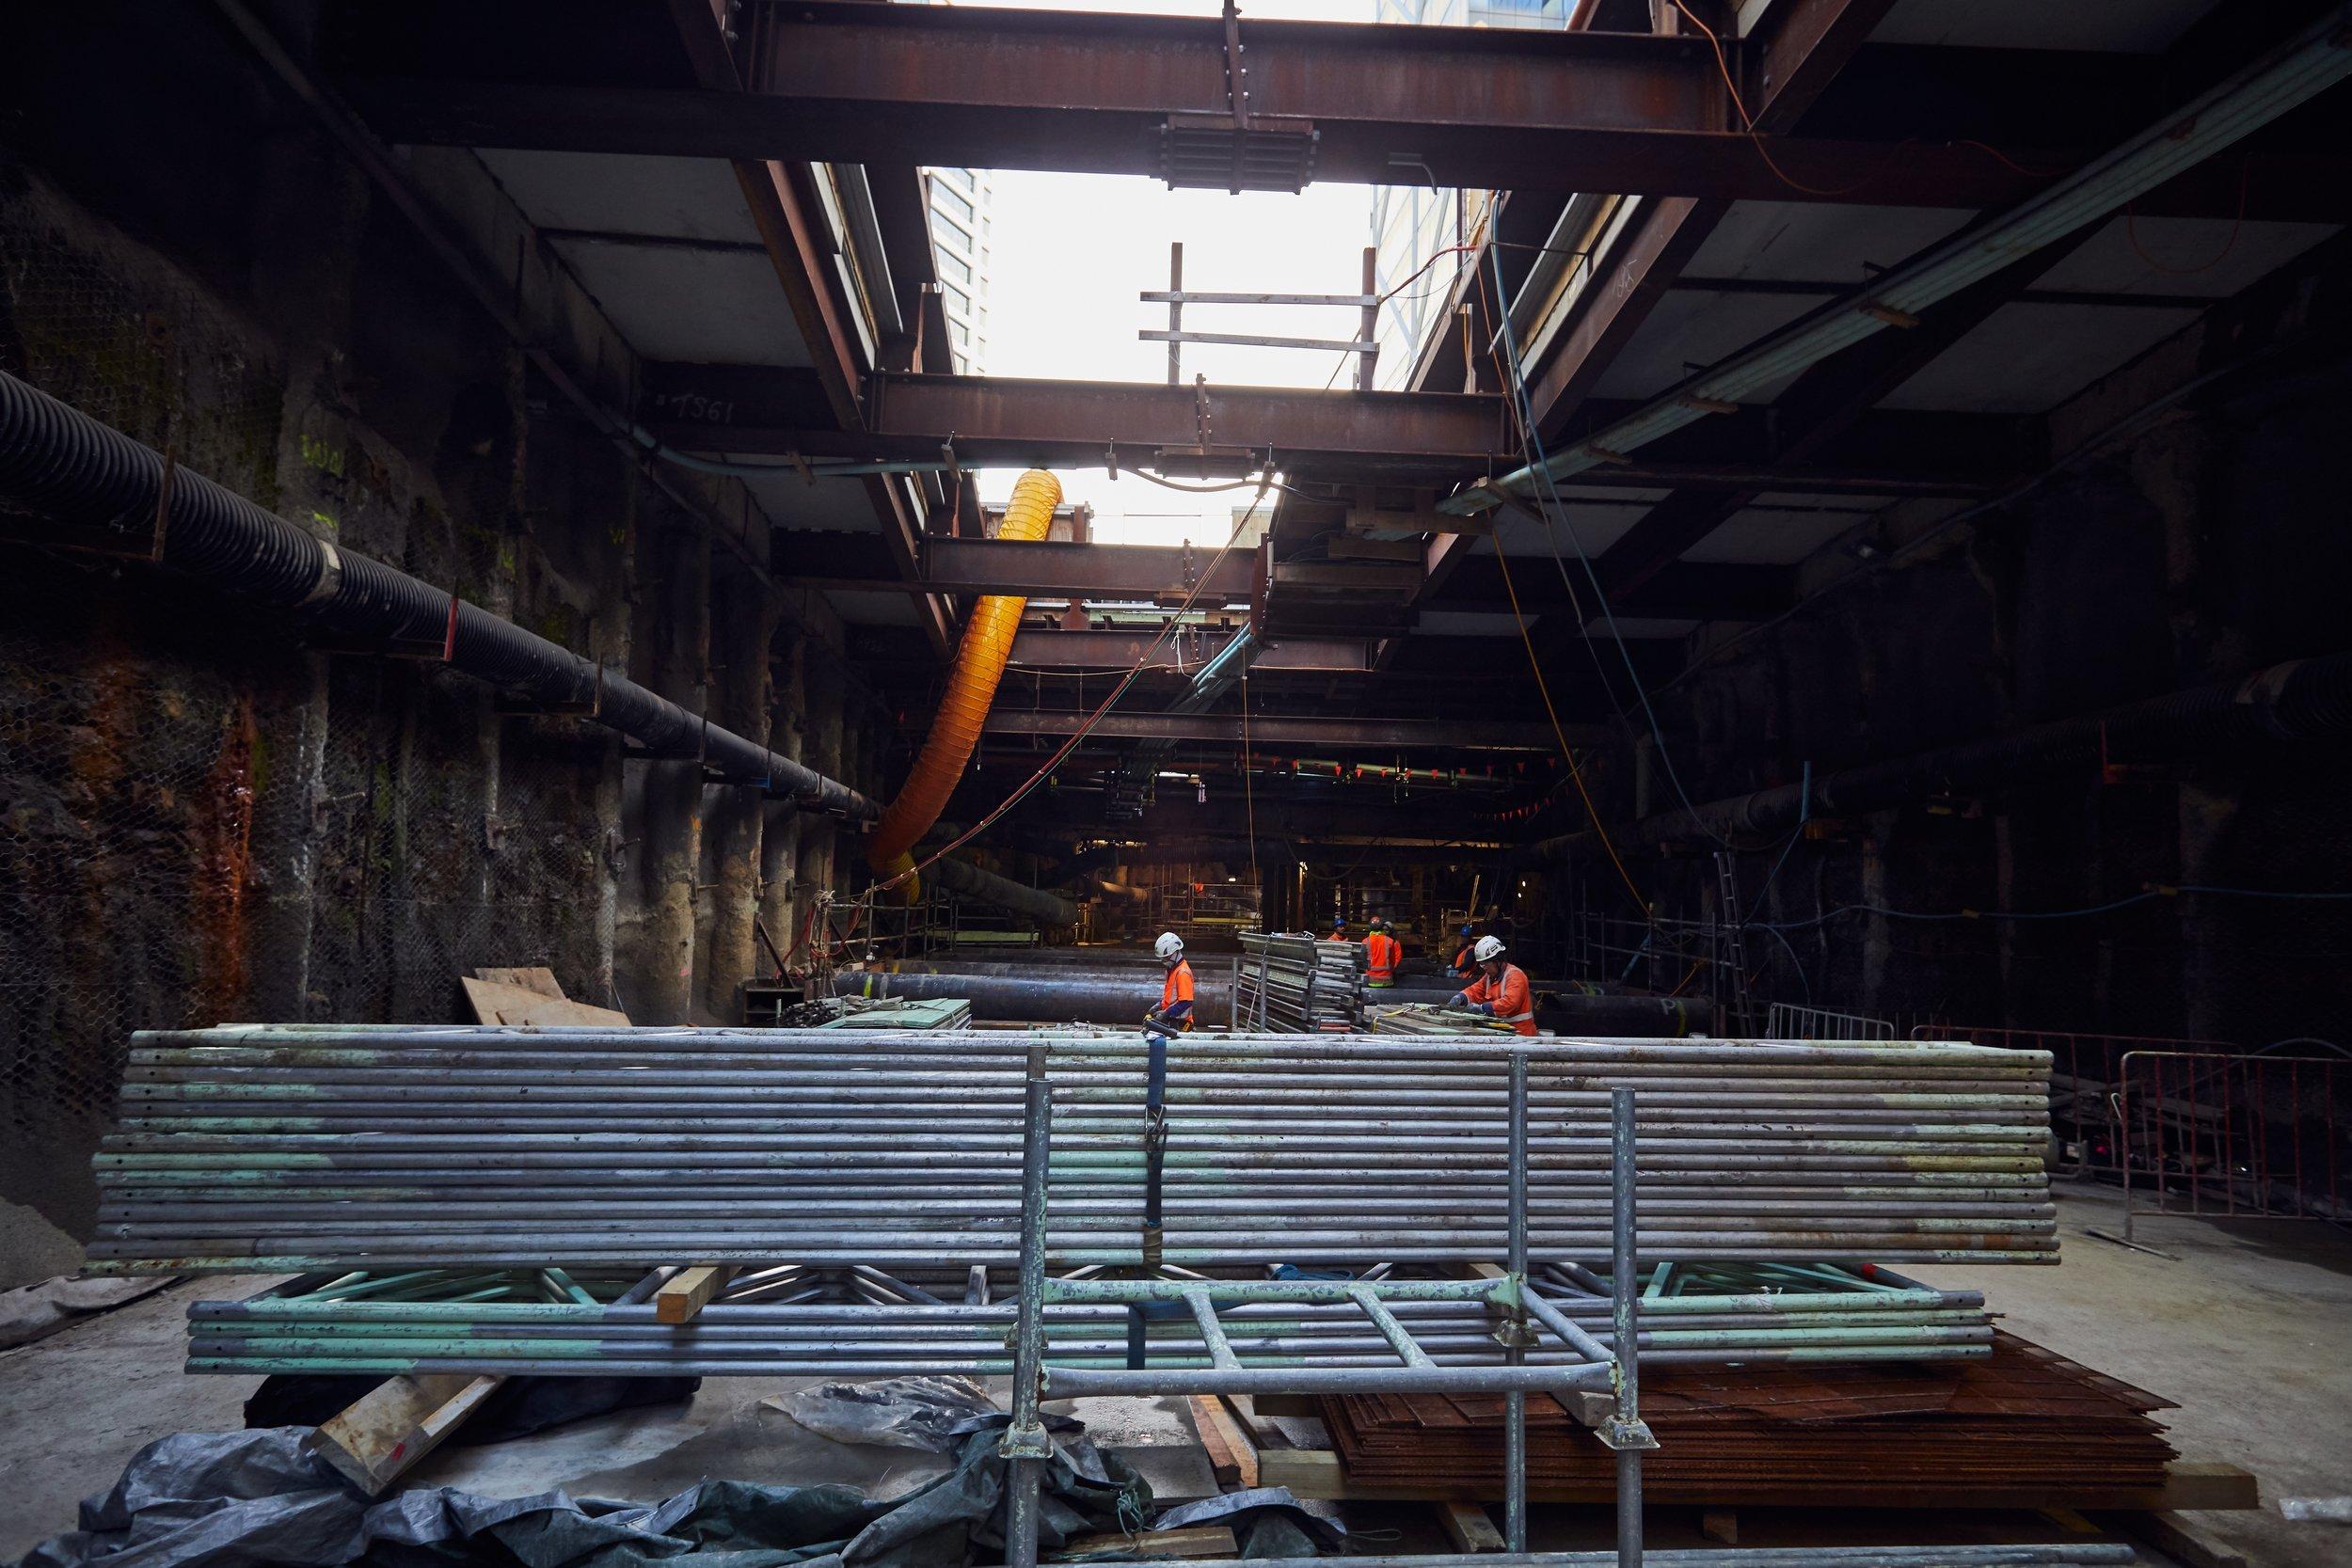 Albert St construction June 2019